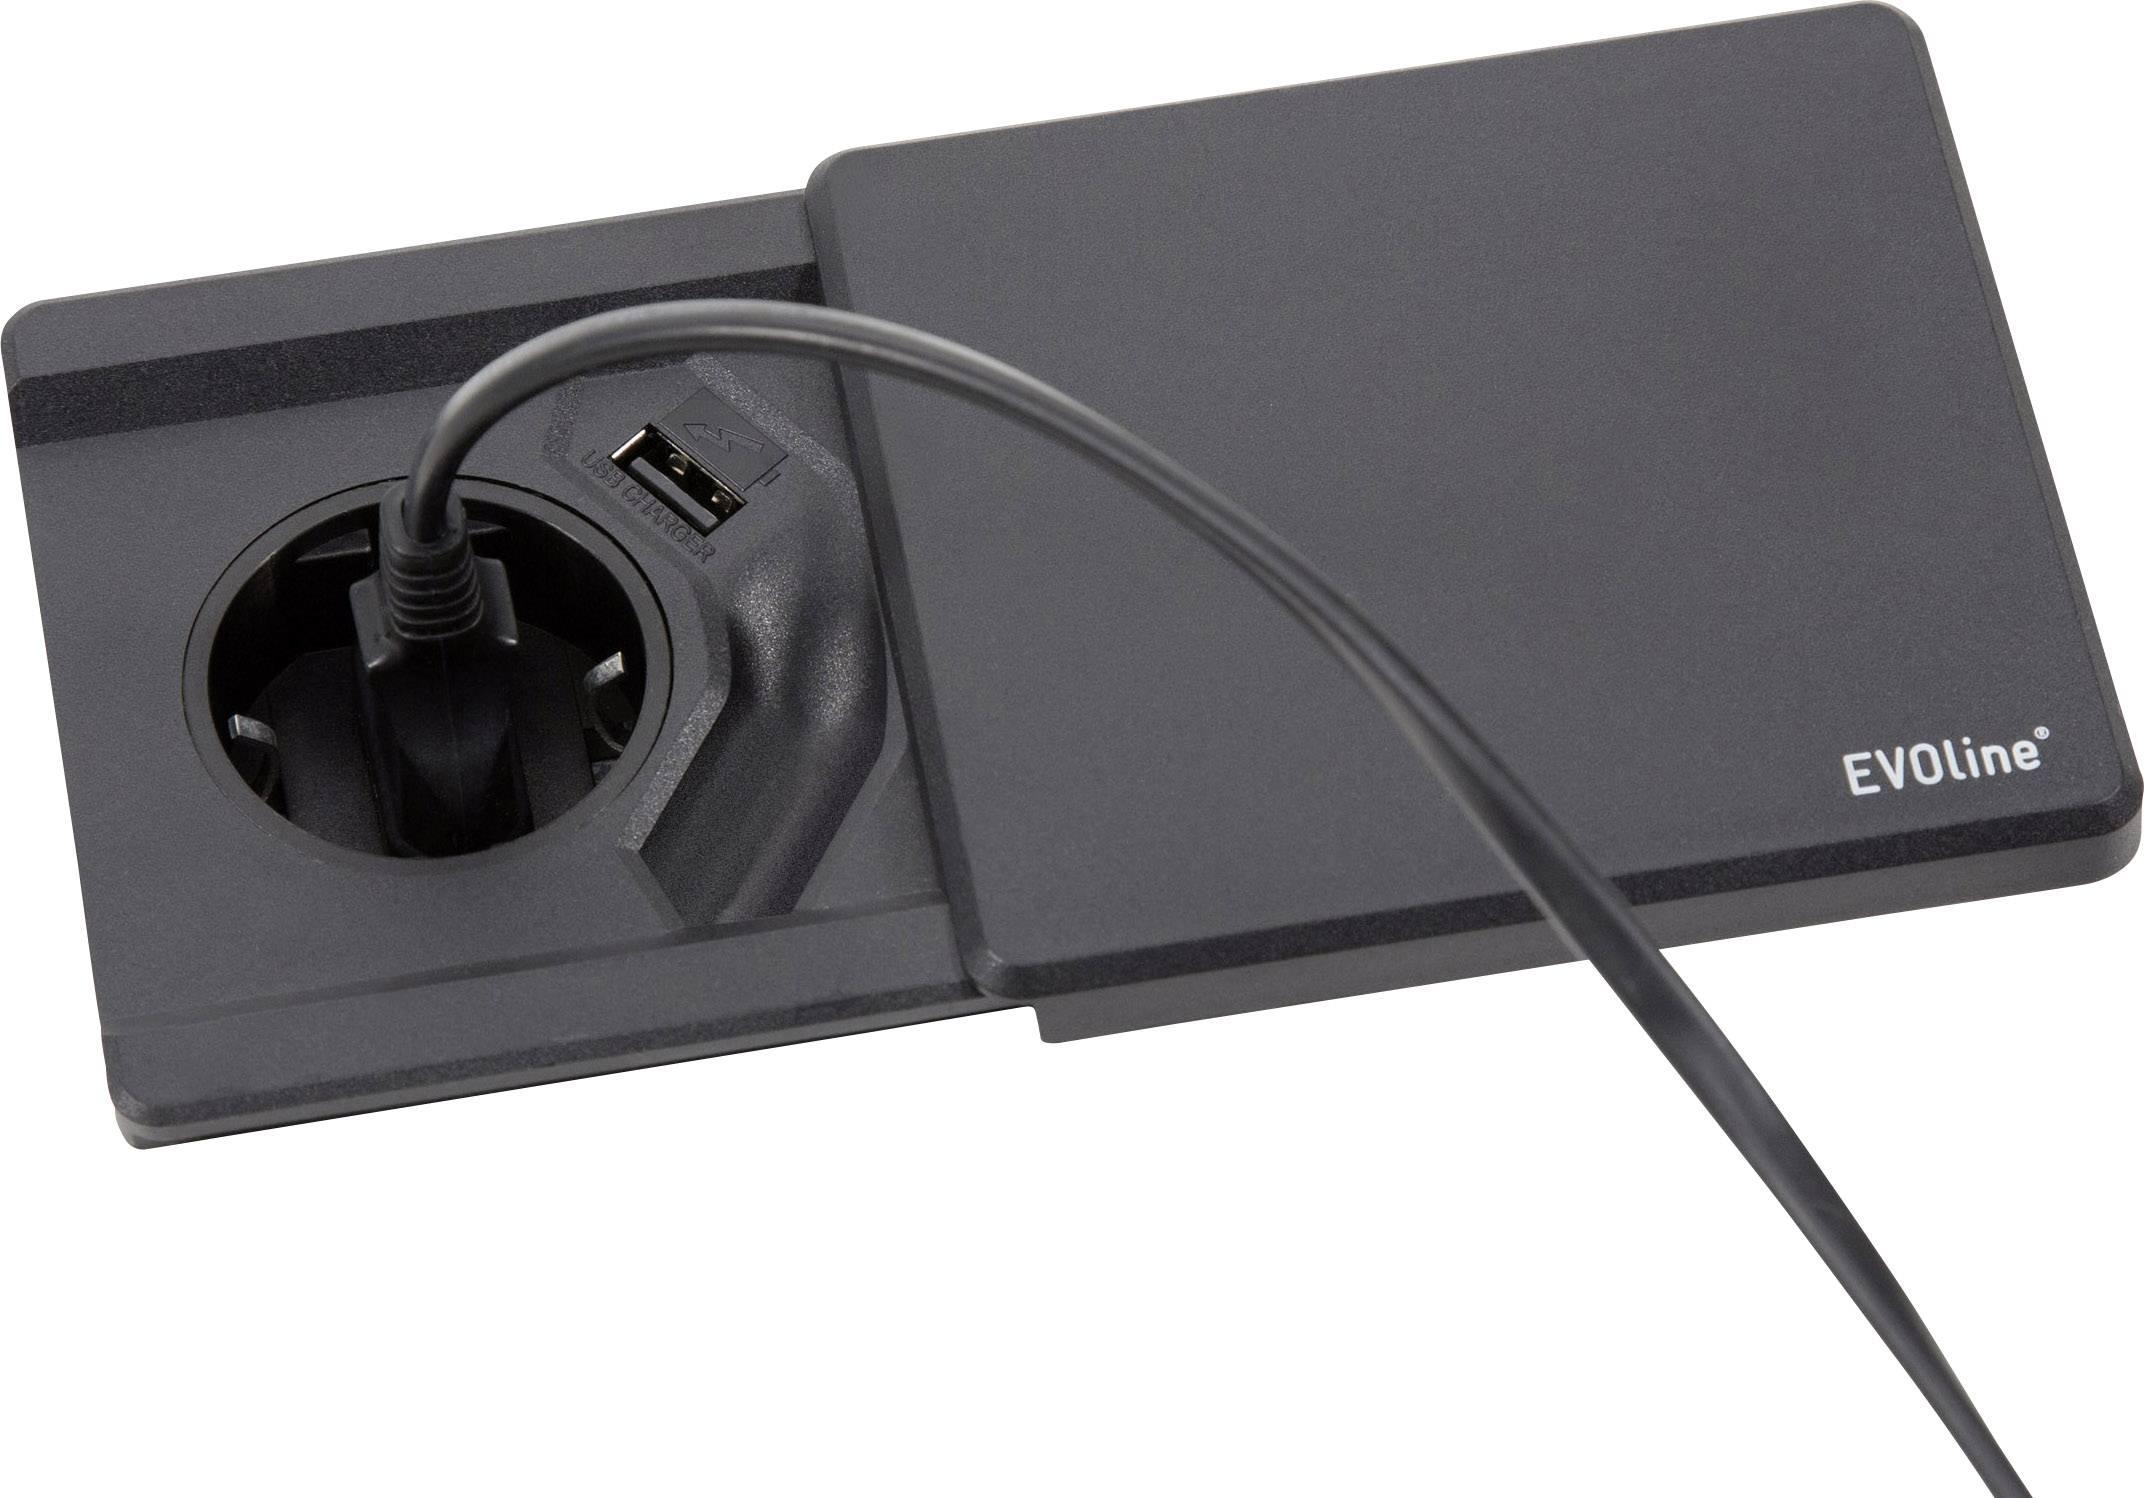 Tafel inbouw stopcontact: due inbouw stopcontact met schuifdeksels